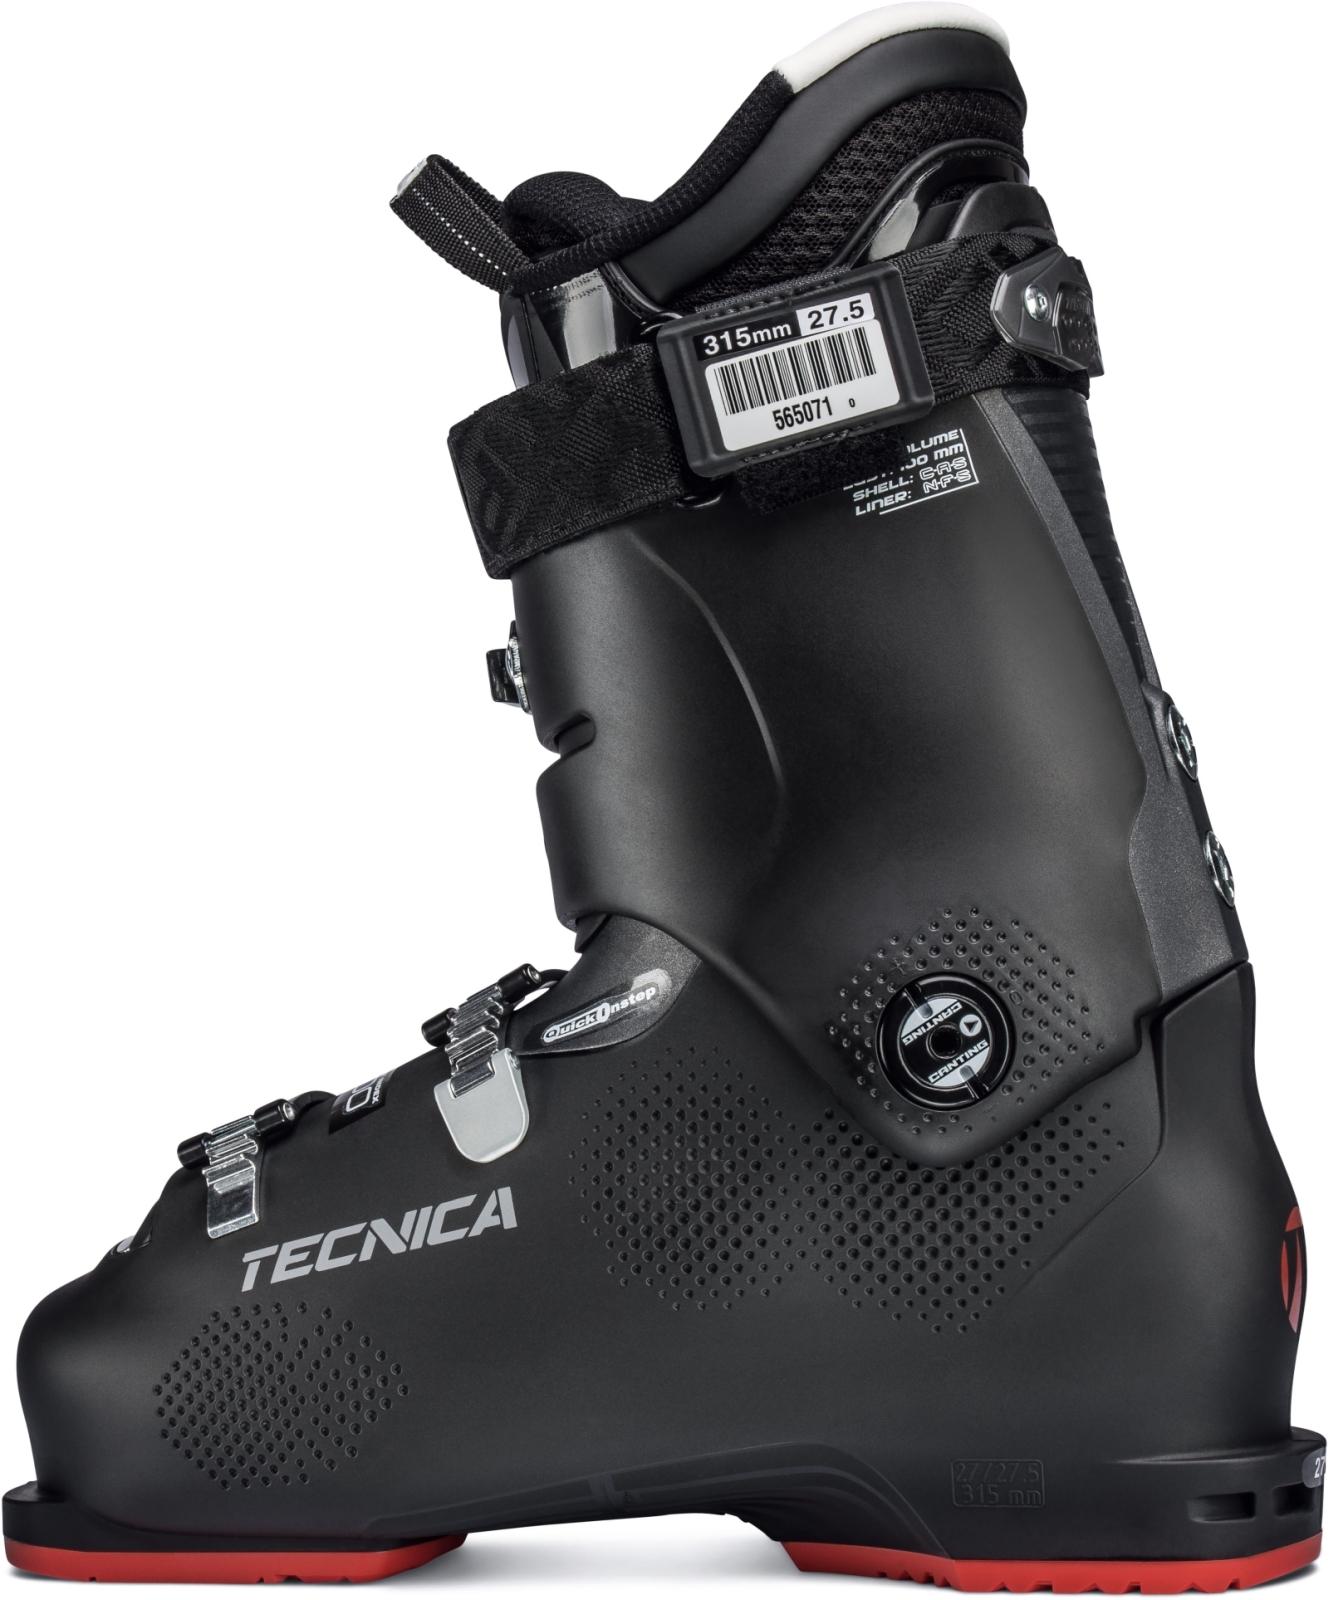 e5fff84aee6 Lyžařské boty Tecnica Mach1 100 MV - black - Ski a Bike Centrum Radotín